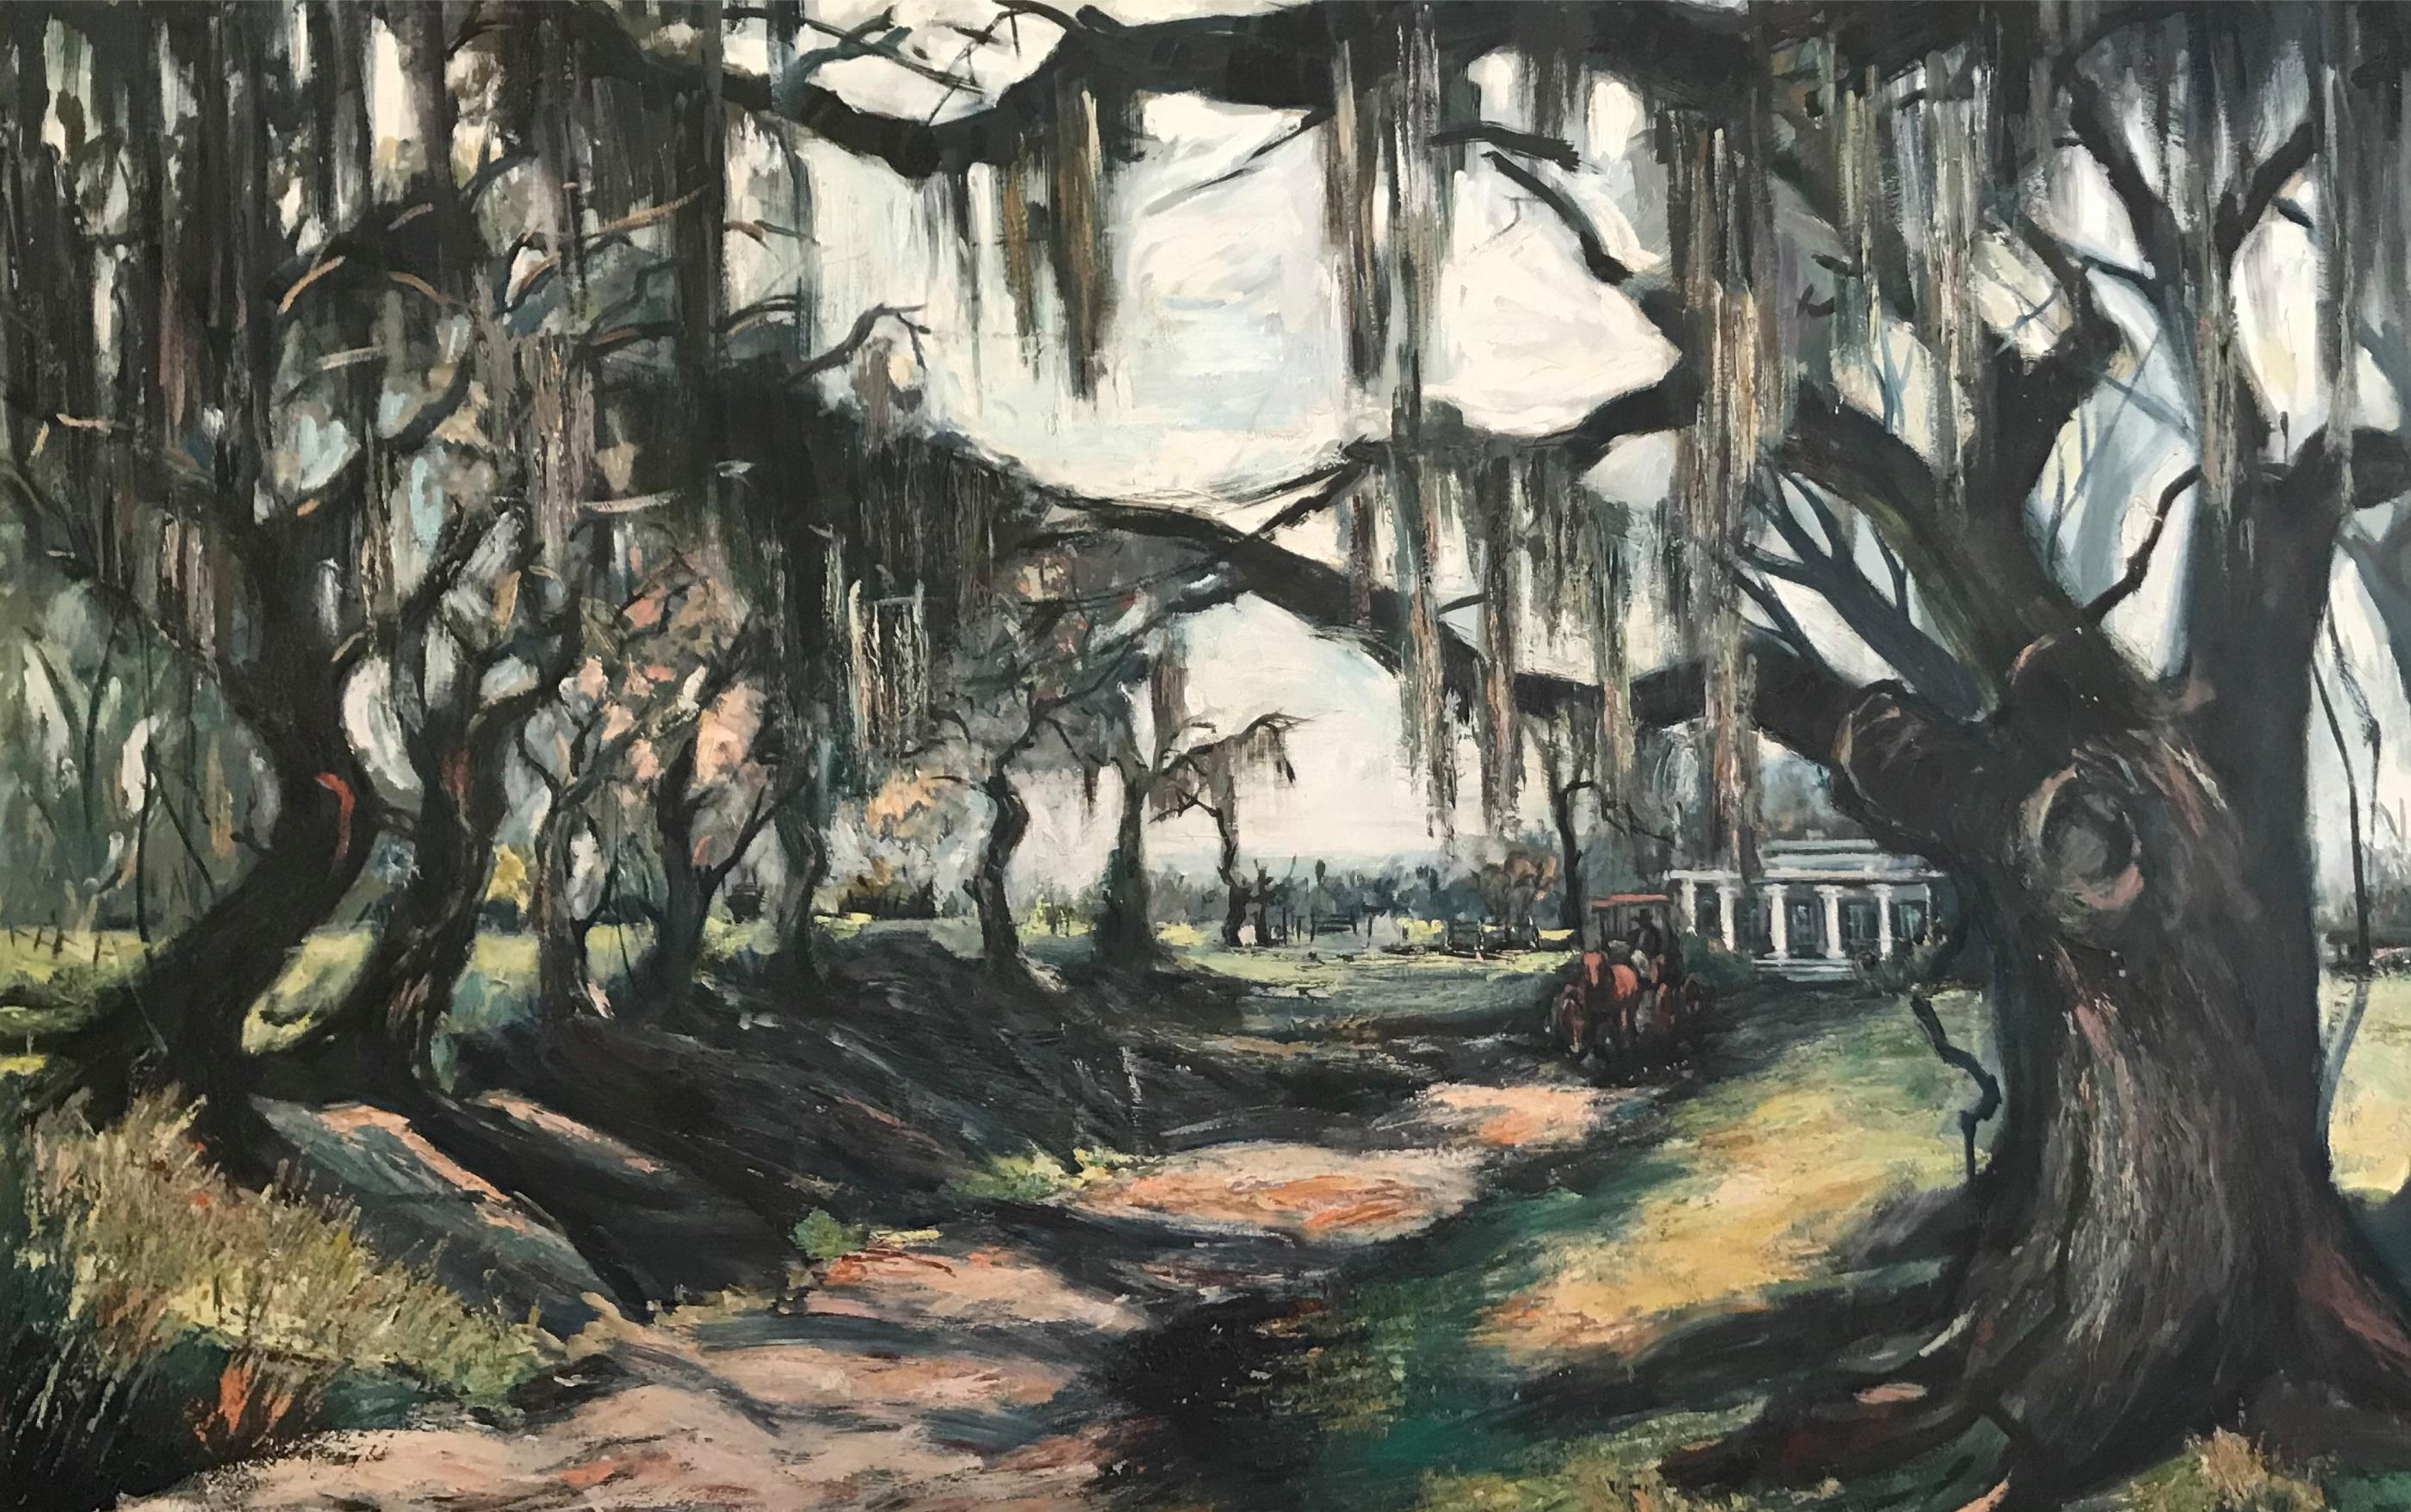 Avenue of Oaks by Selma Shelander